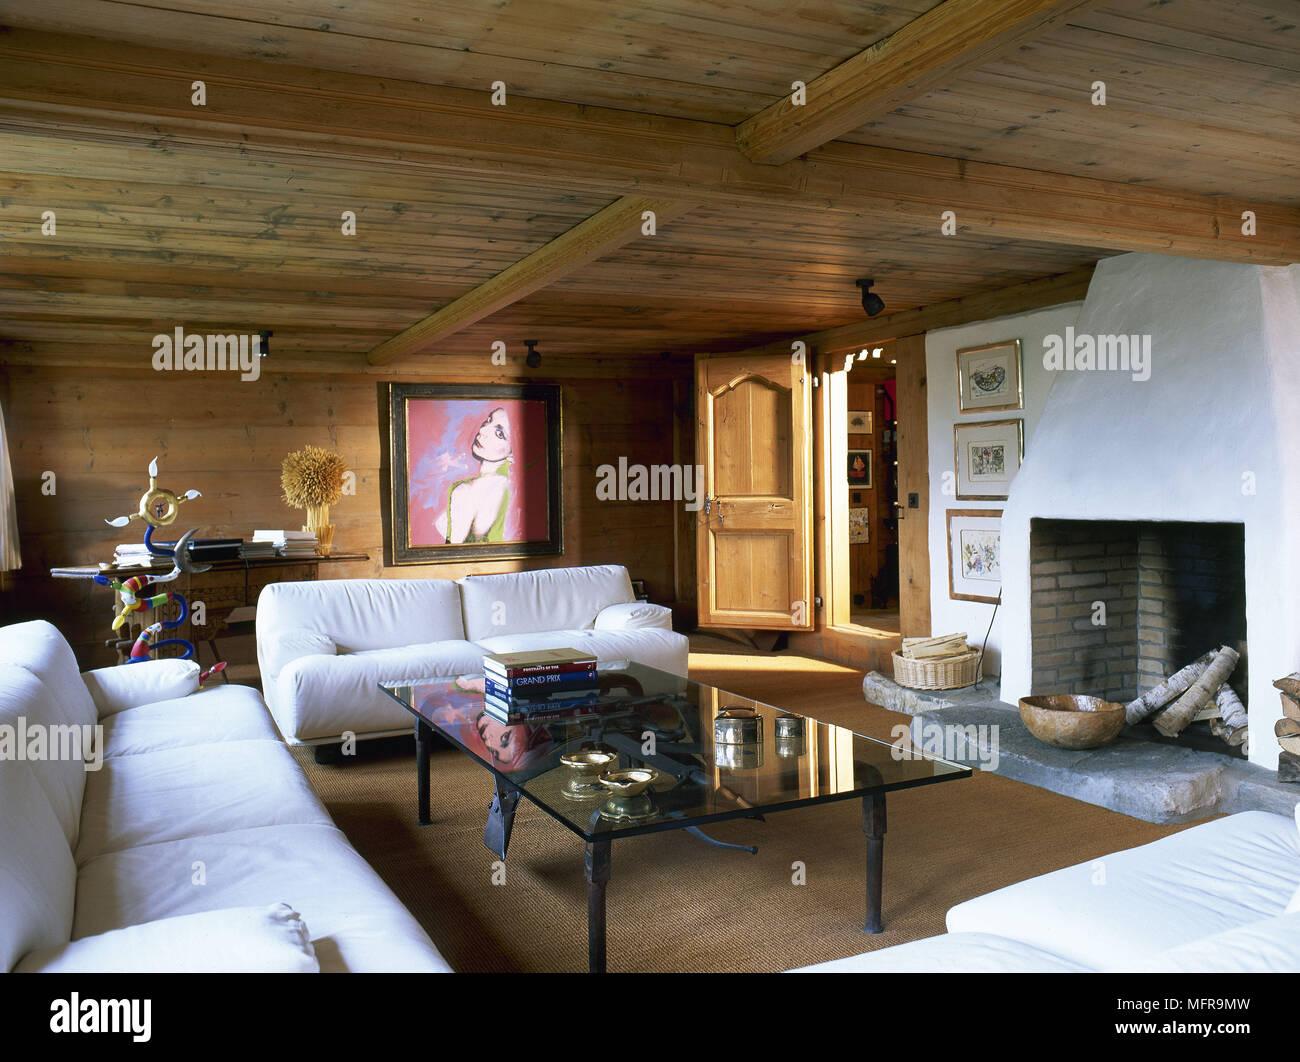 Landhausstil Wohnzimmer mit Holzdecke und gepolsterten weißen Sofas ...